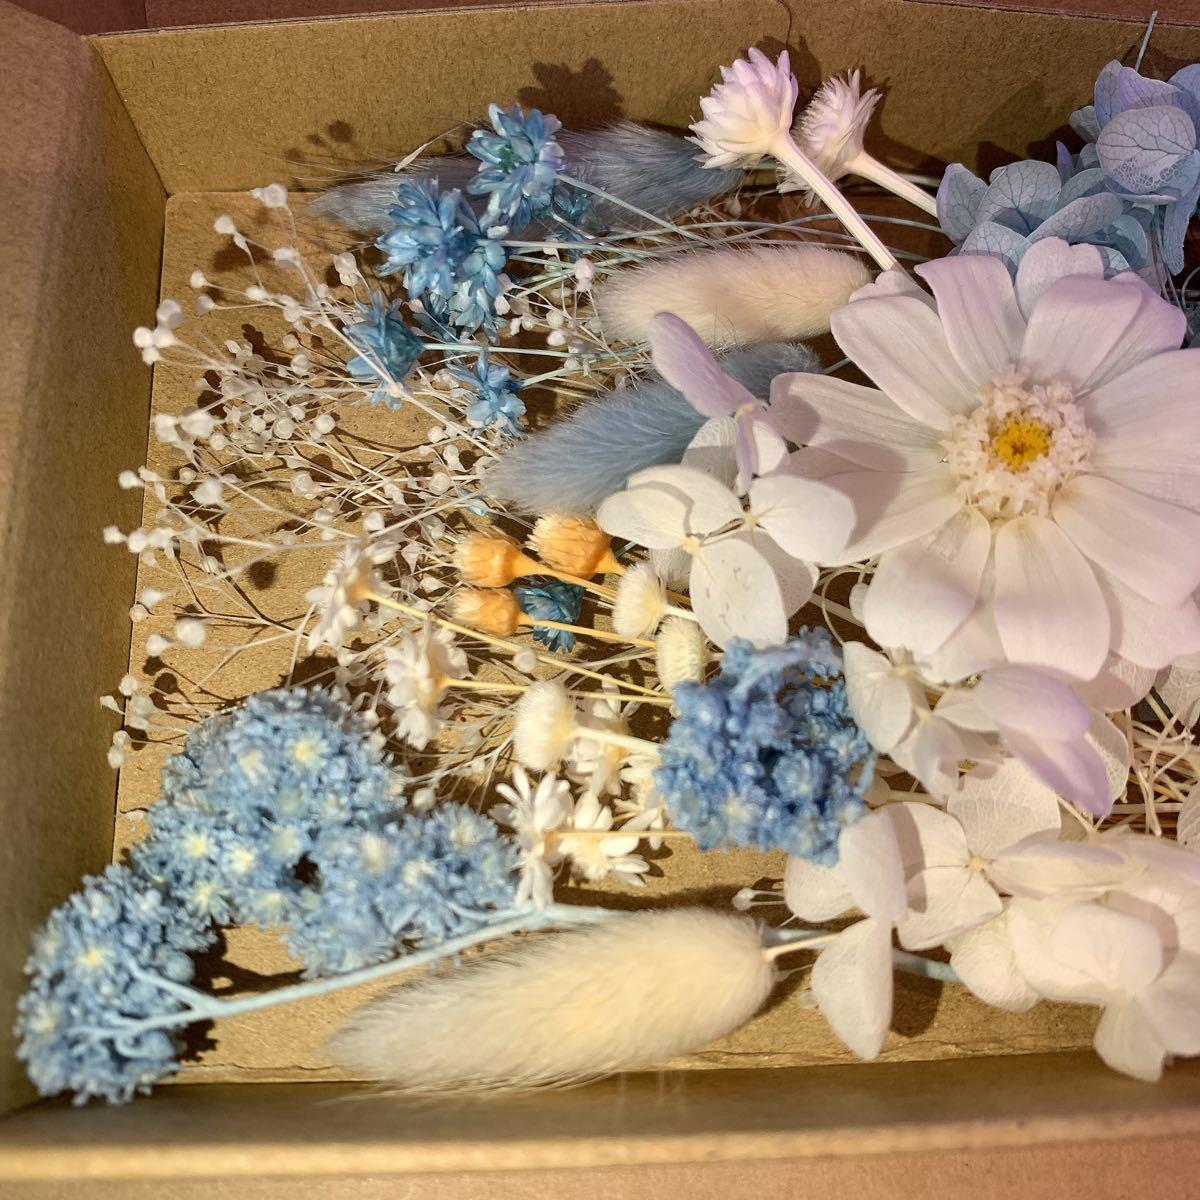 ブルー ホワイト アジサイ カスミ スターフラワー ハーバリウム花材 プリザーブドフラワー